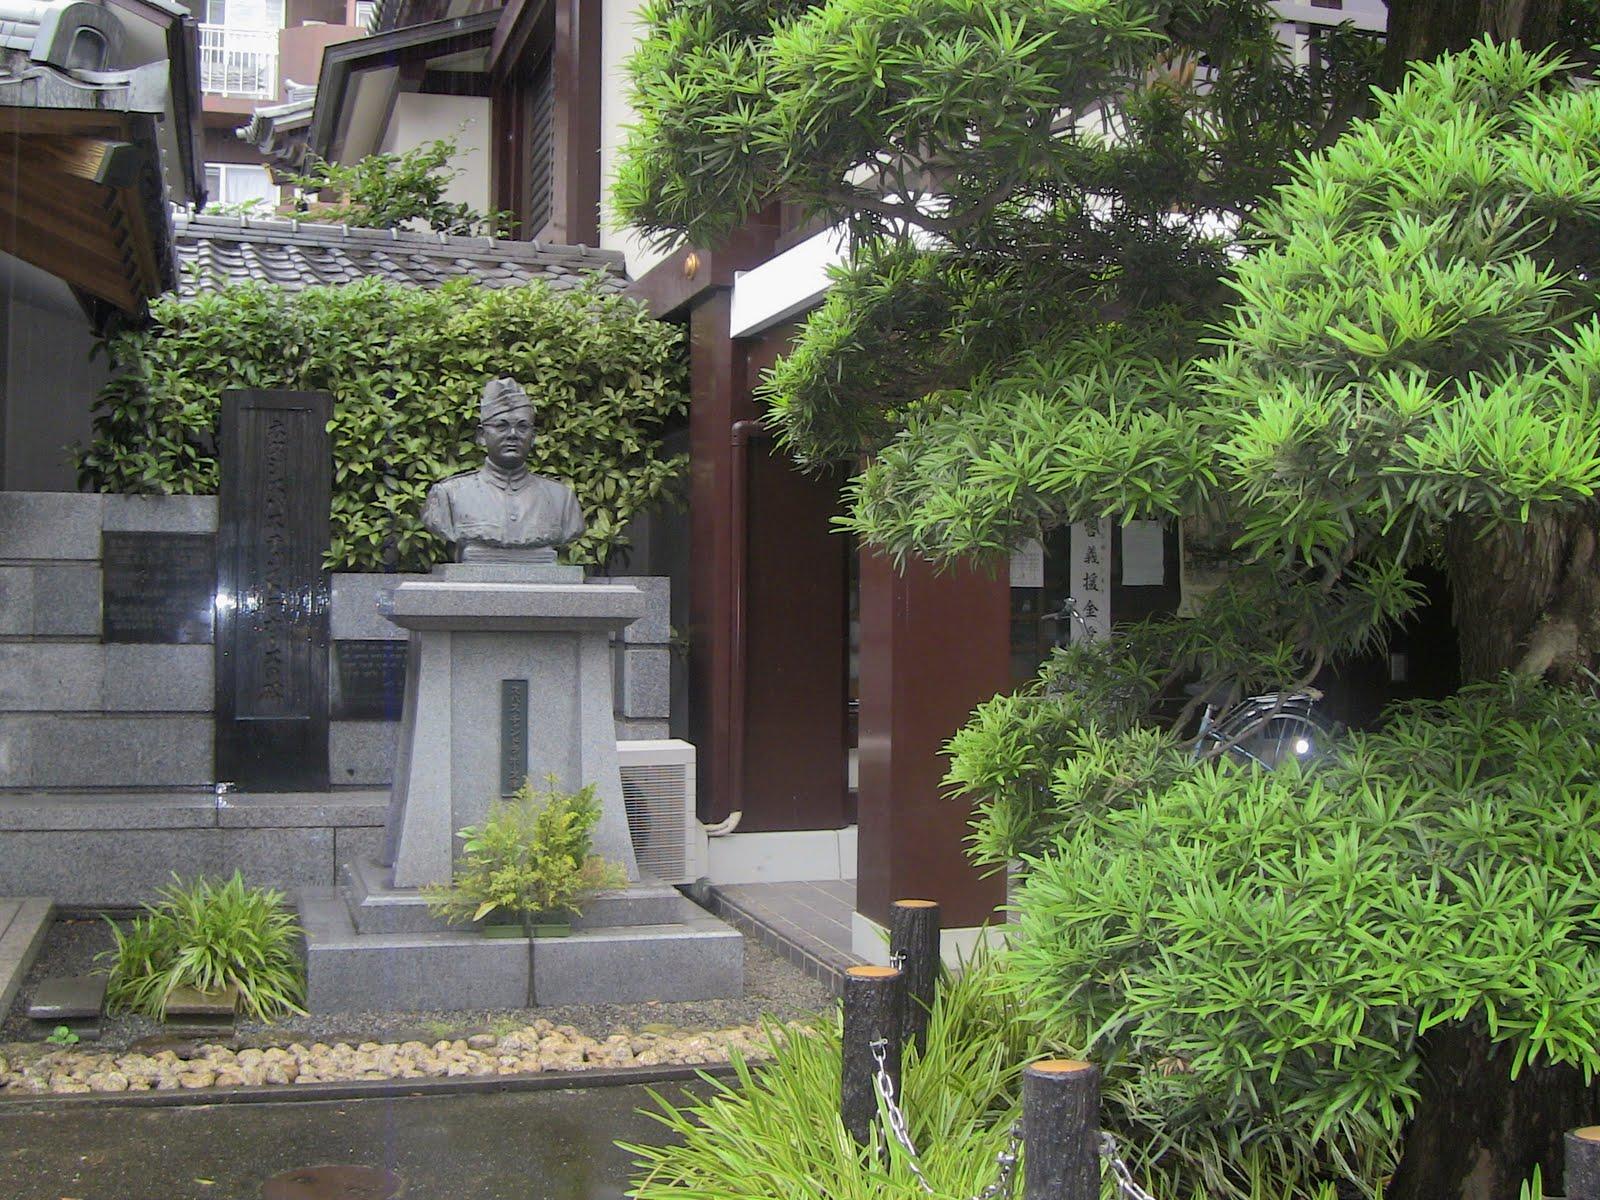 http://1.bp.blogspot.com/-DtpCyURHybU/ThlPZUXzf8I/AAAAAAAAHUE/CtrJsratnqw/s1600/IMG_0782.JPG